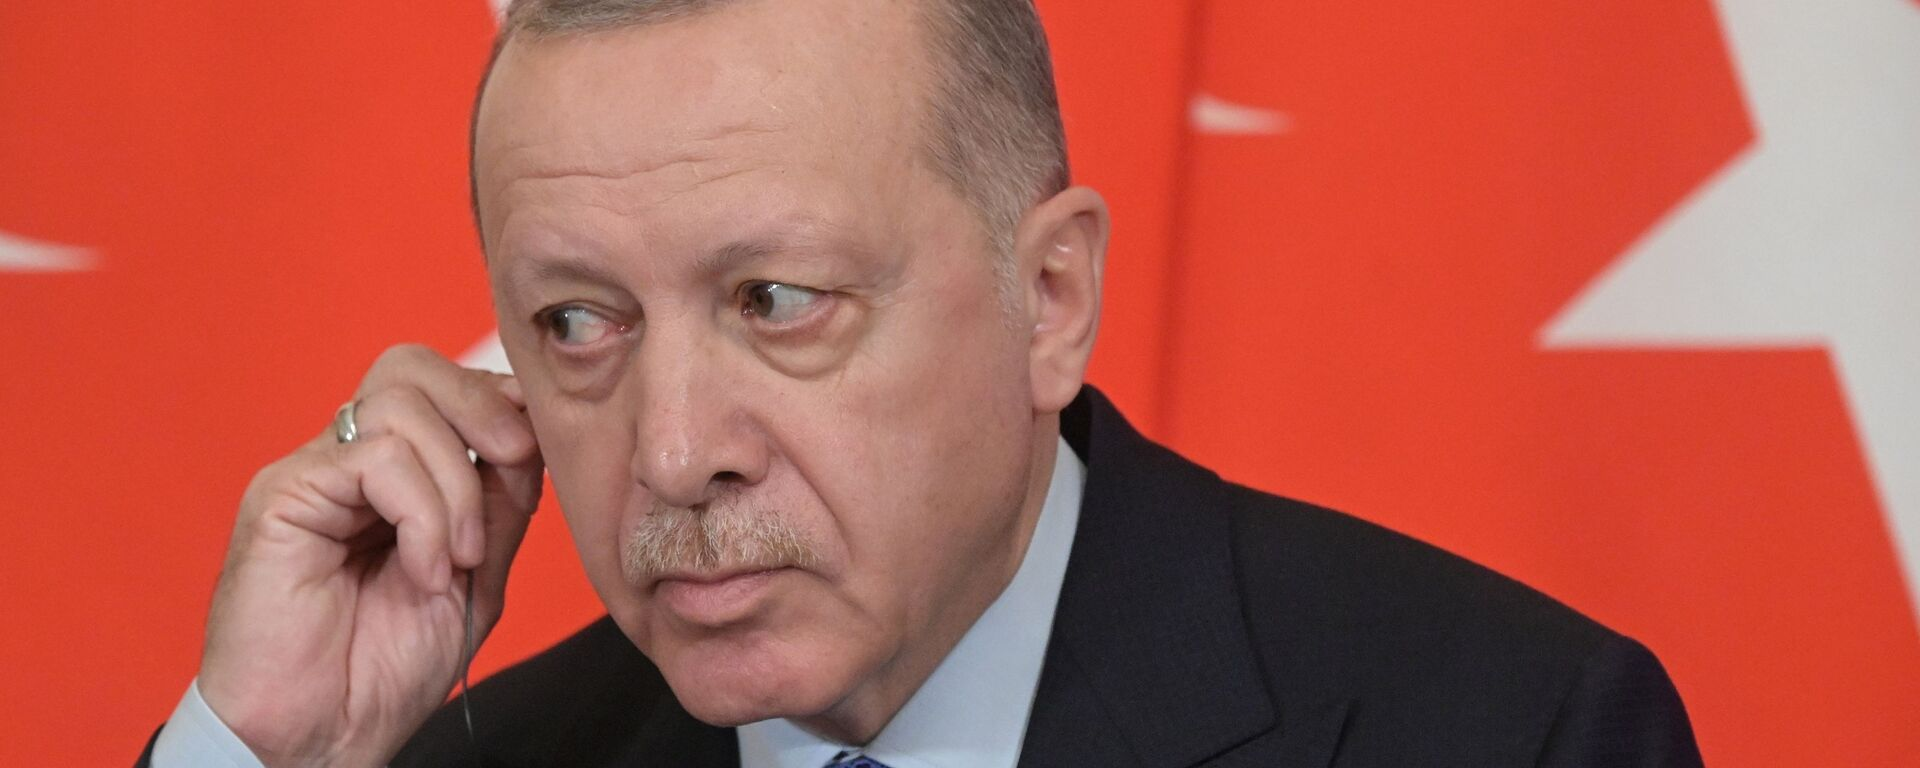 Президент Турции Реджеп Тайип Эрдоган - Sputnik Таджикистан, 1920, 09.07.2021